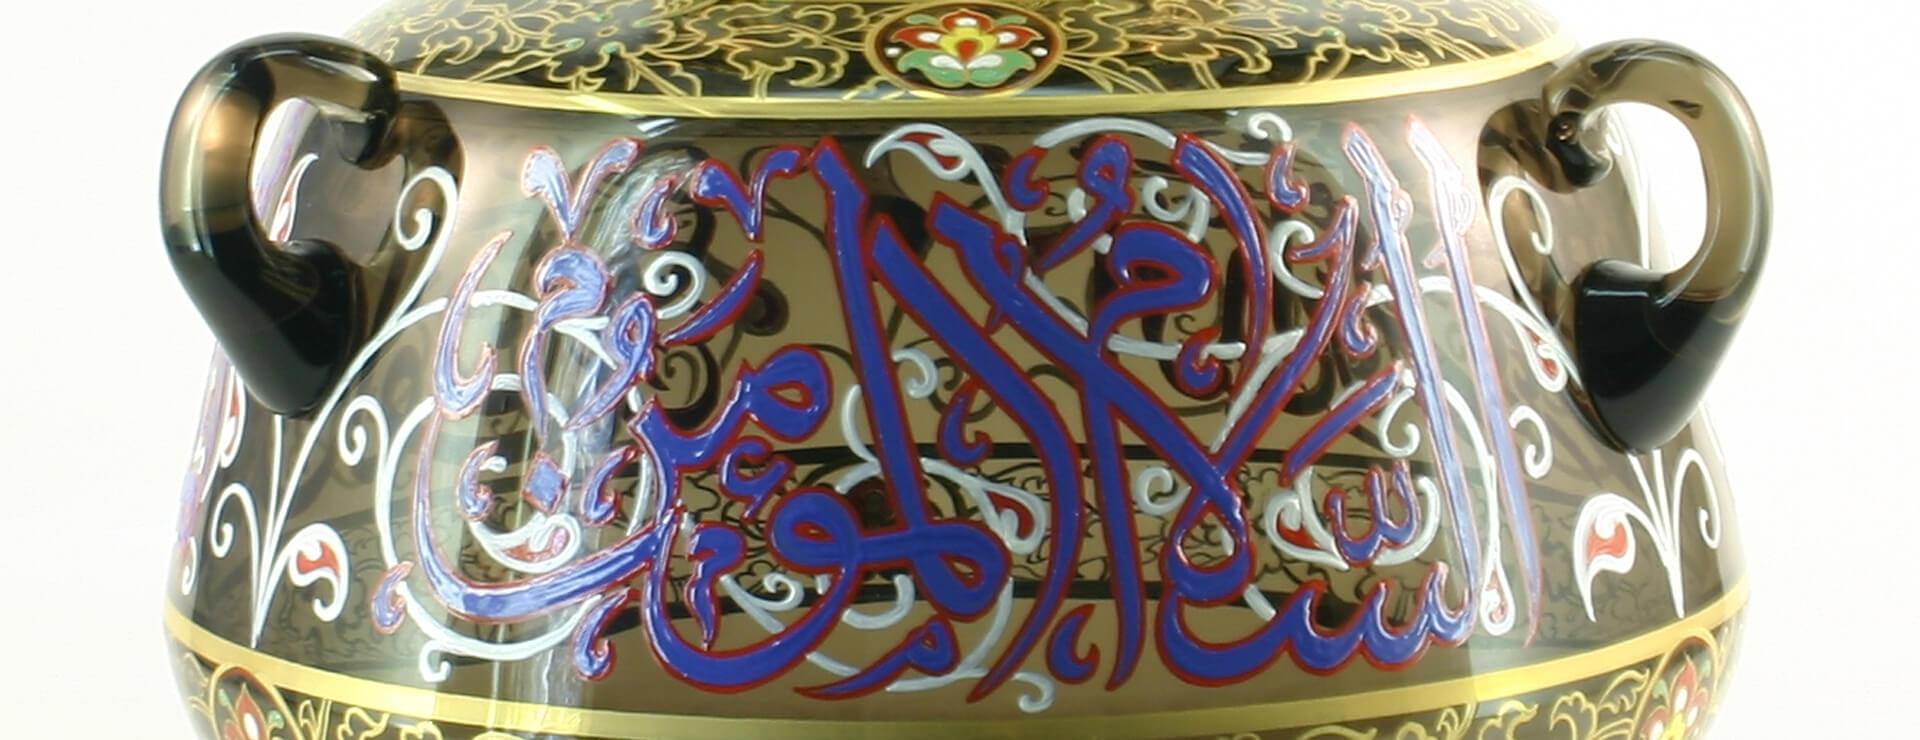 Kalligraphie auf Glas gemalt